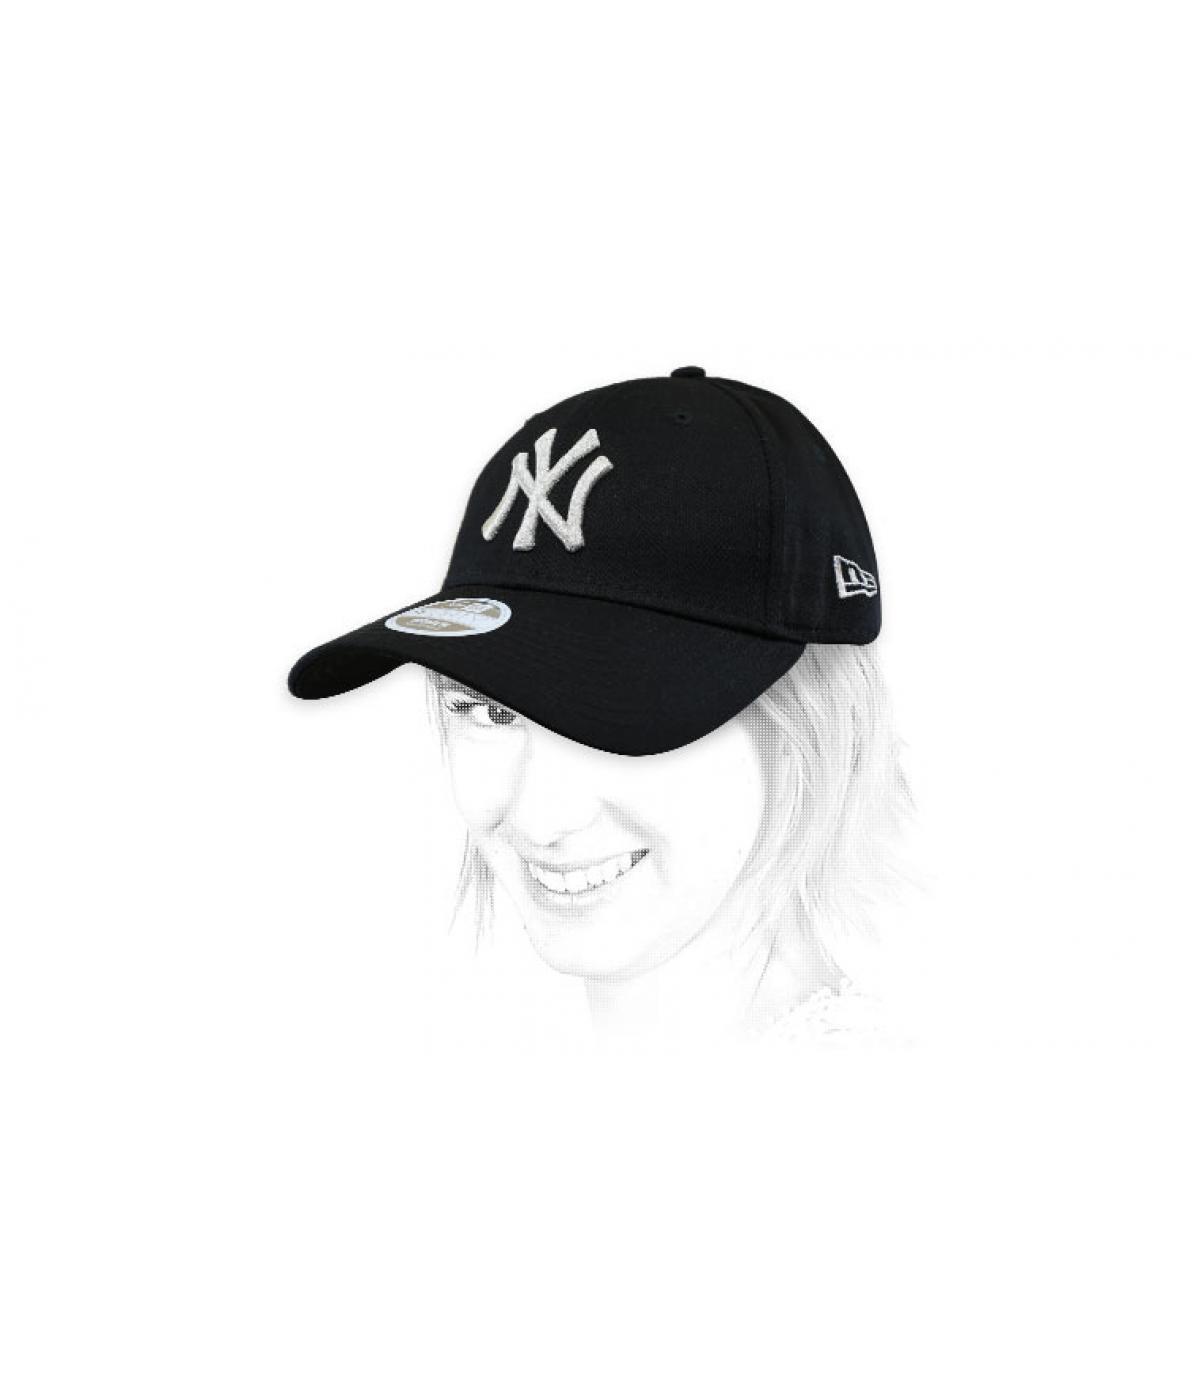 NY black silver women cap